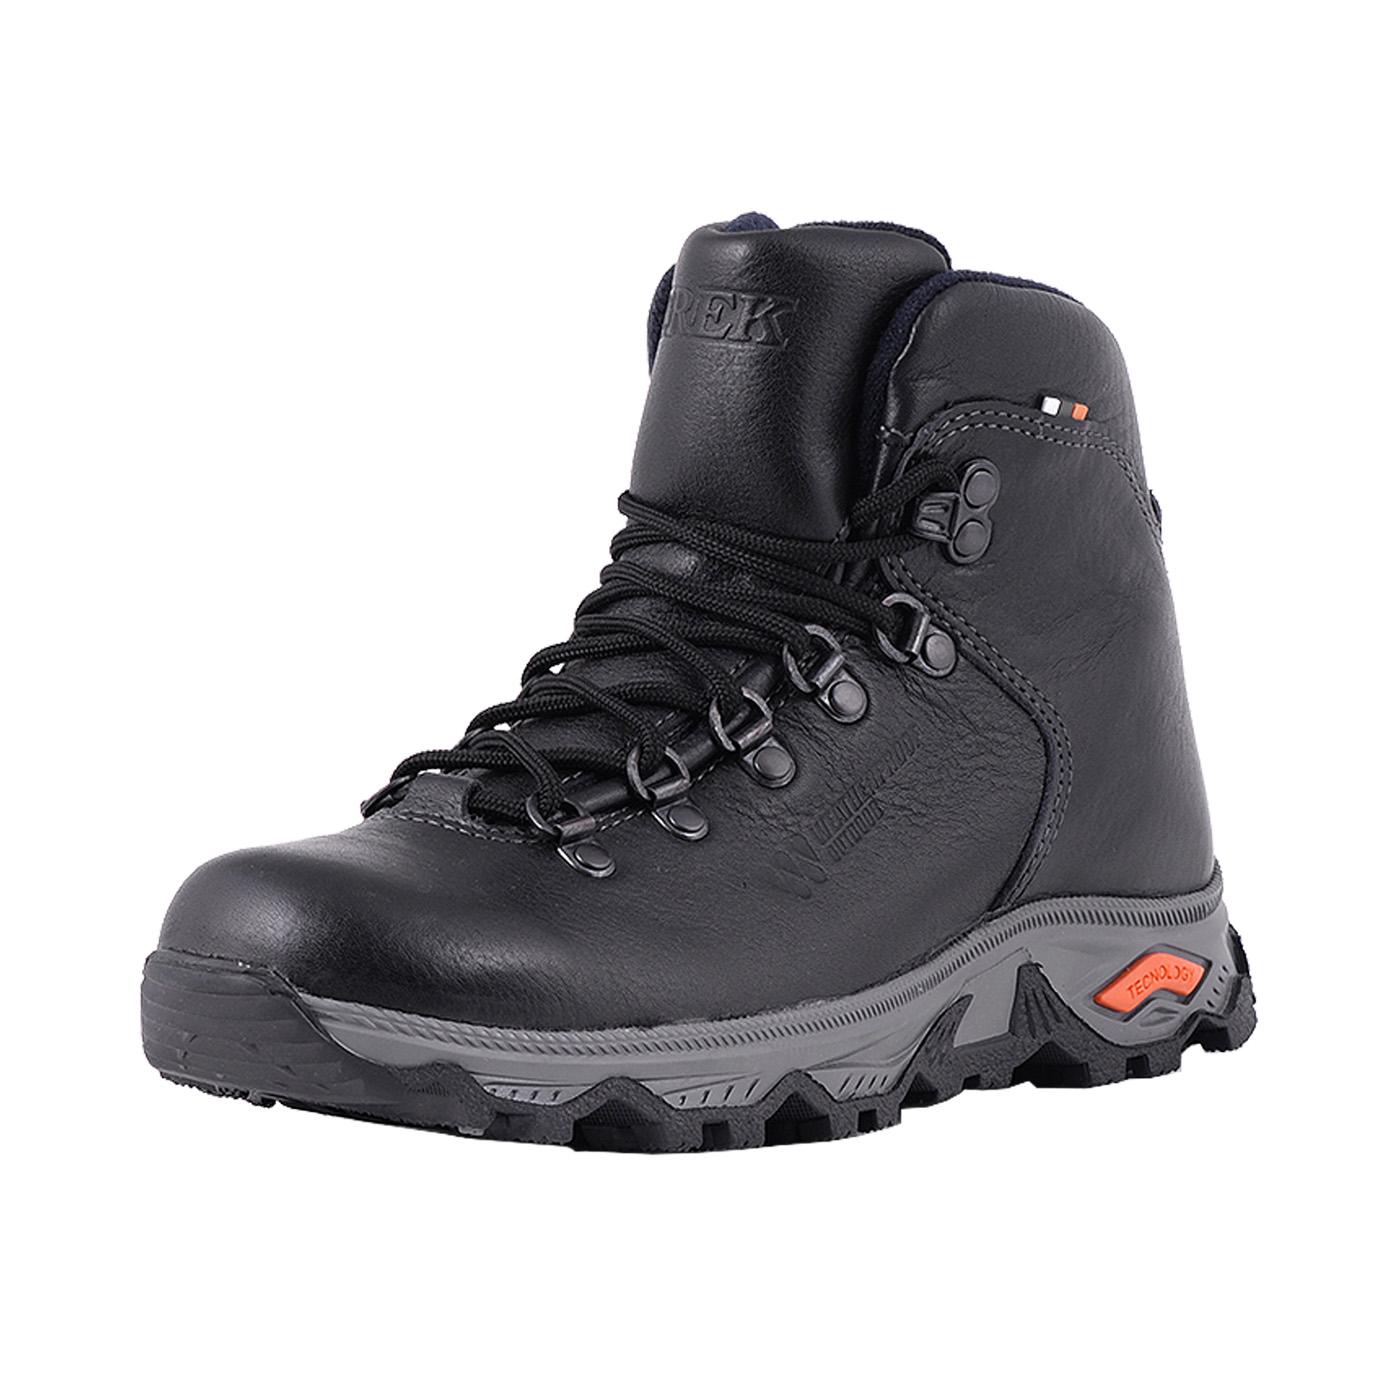 Ботинки TREK Hiking18 (шерст.мех), Ботинки - арт. 1129380177